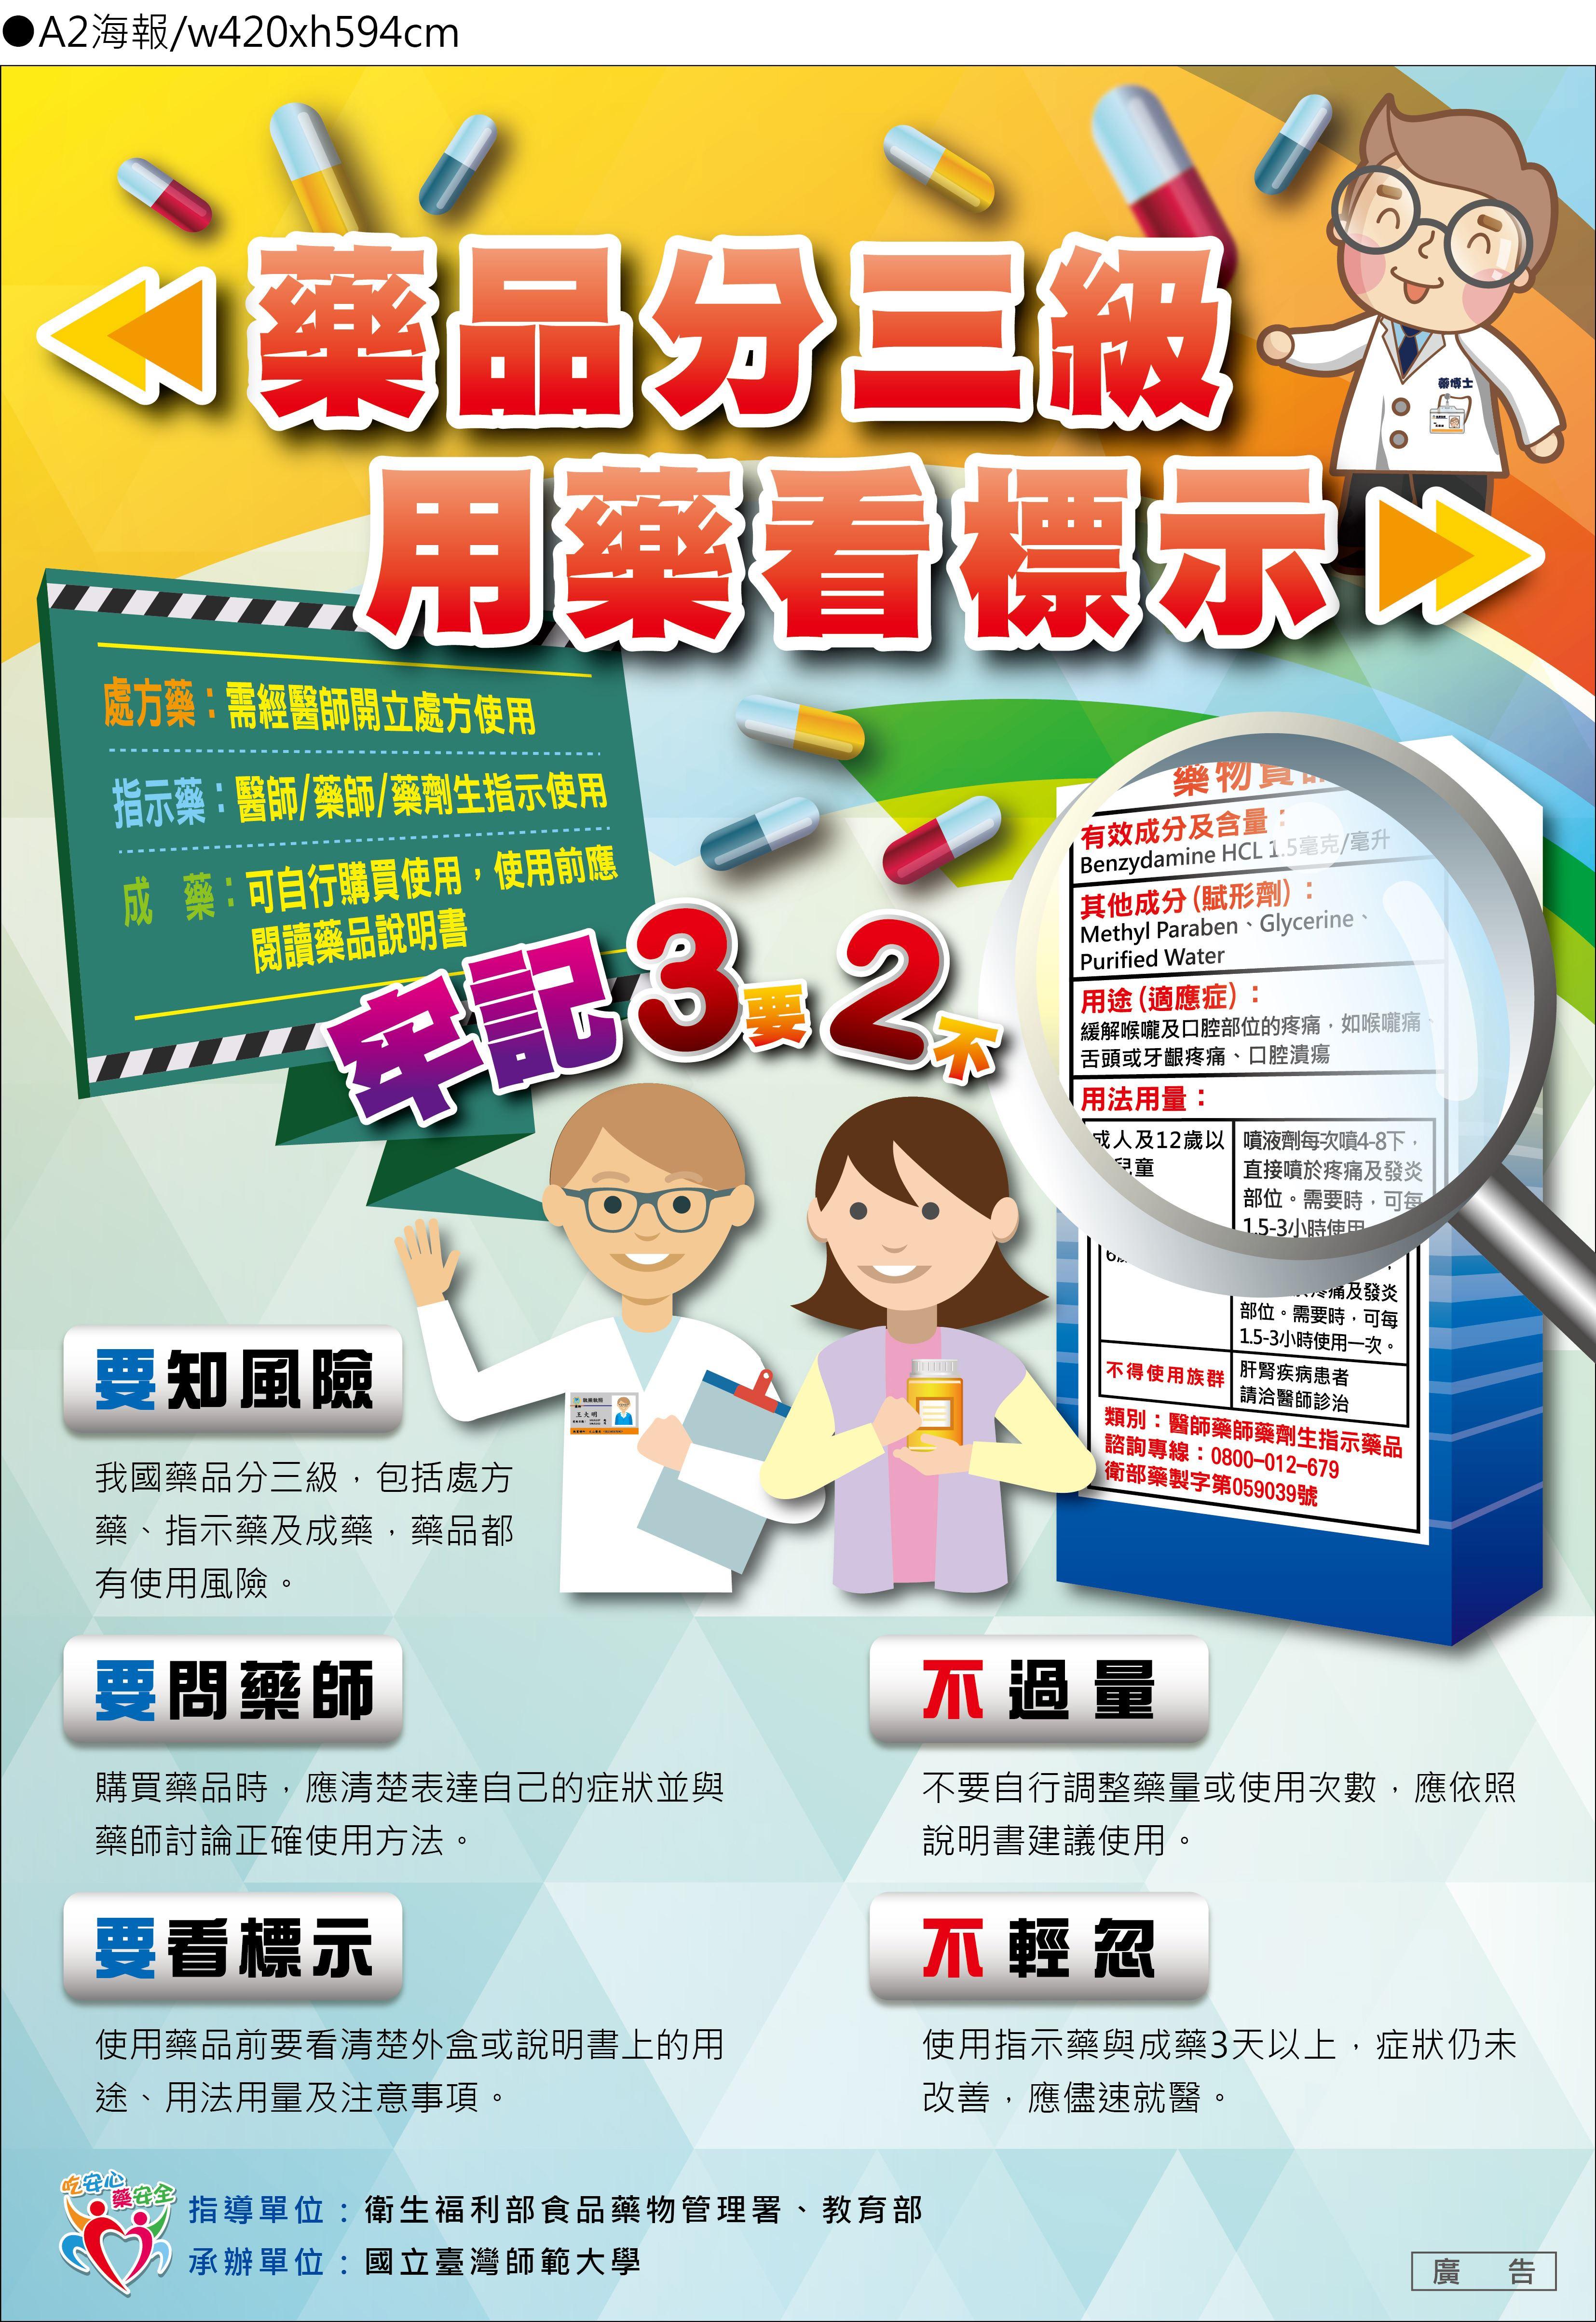 藥品分三級_用藥看標示_牢記3要2不(圖片)